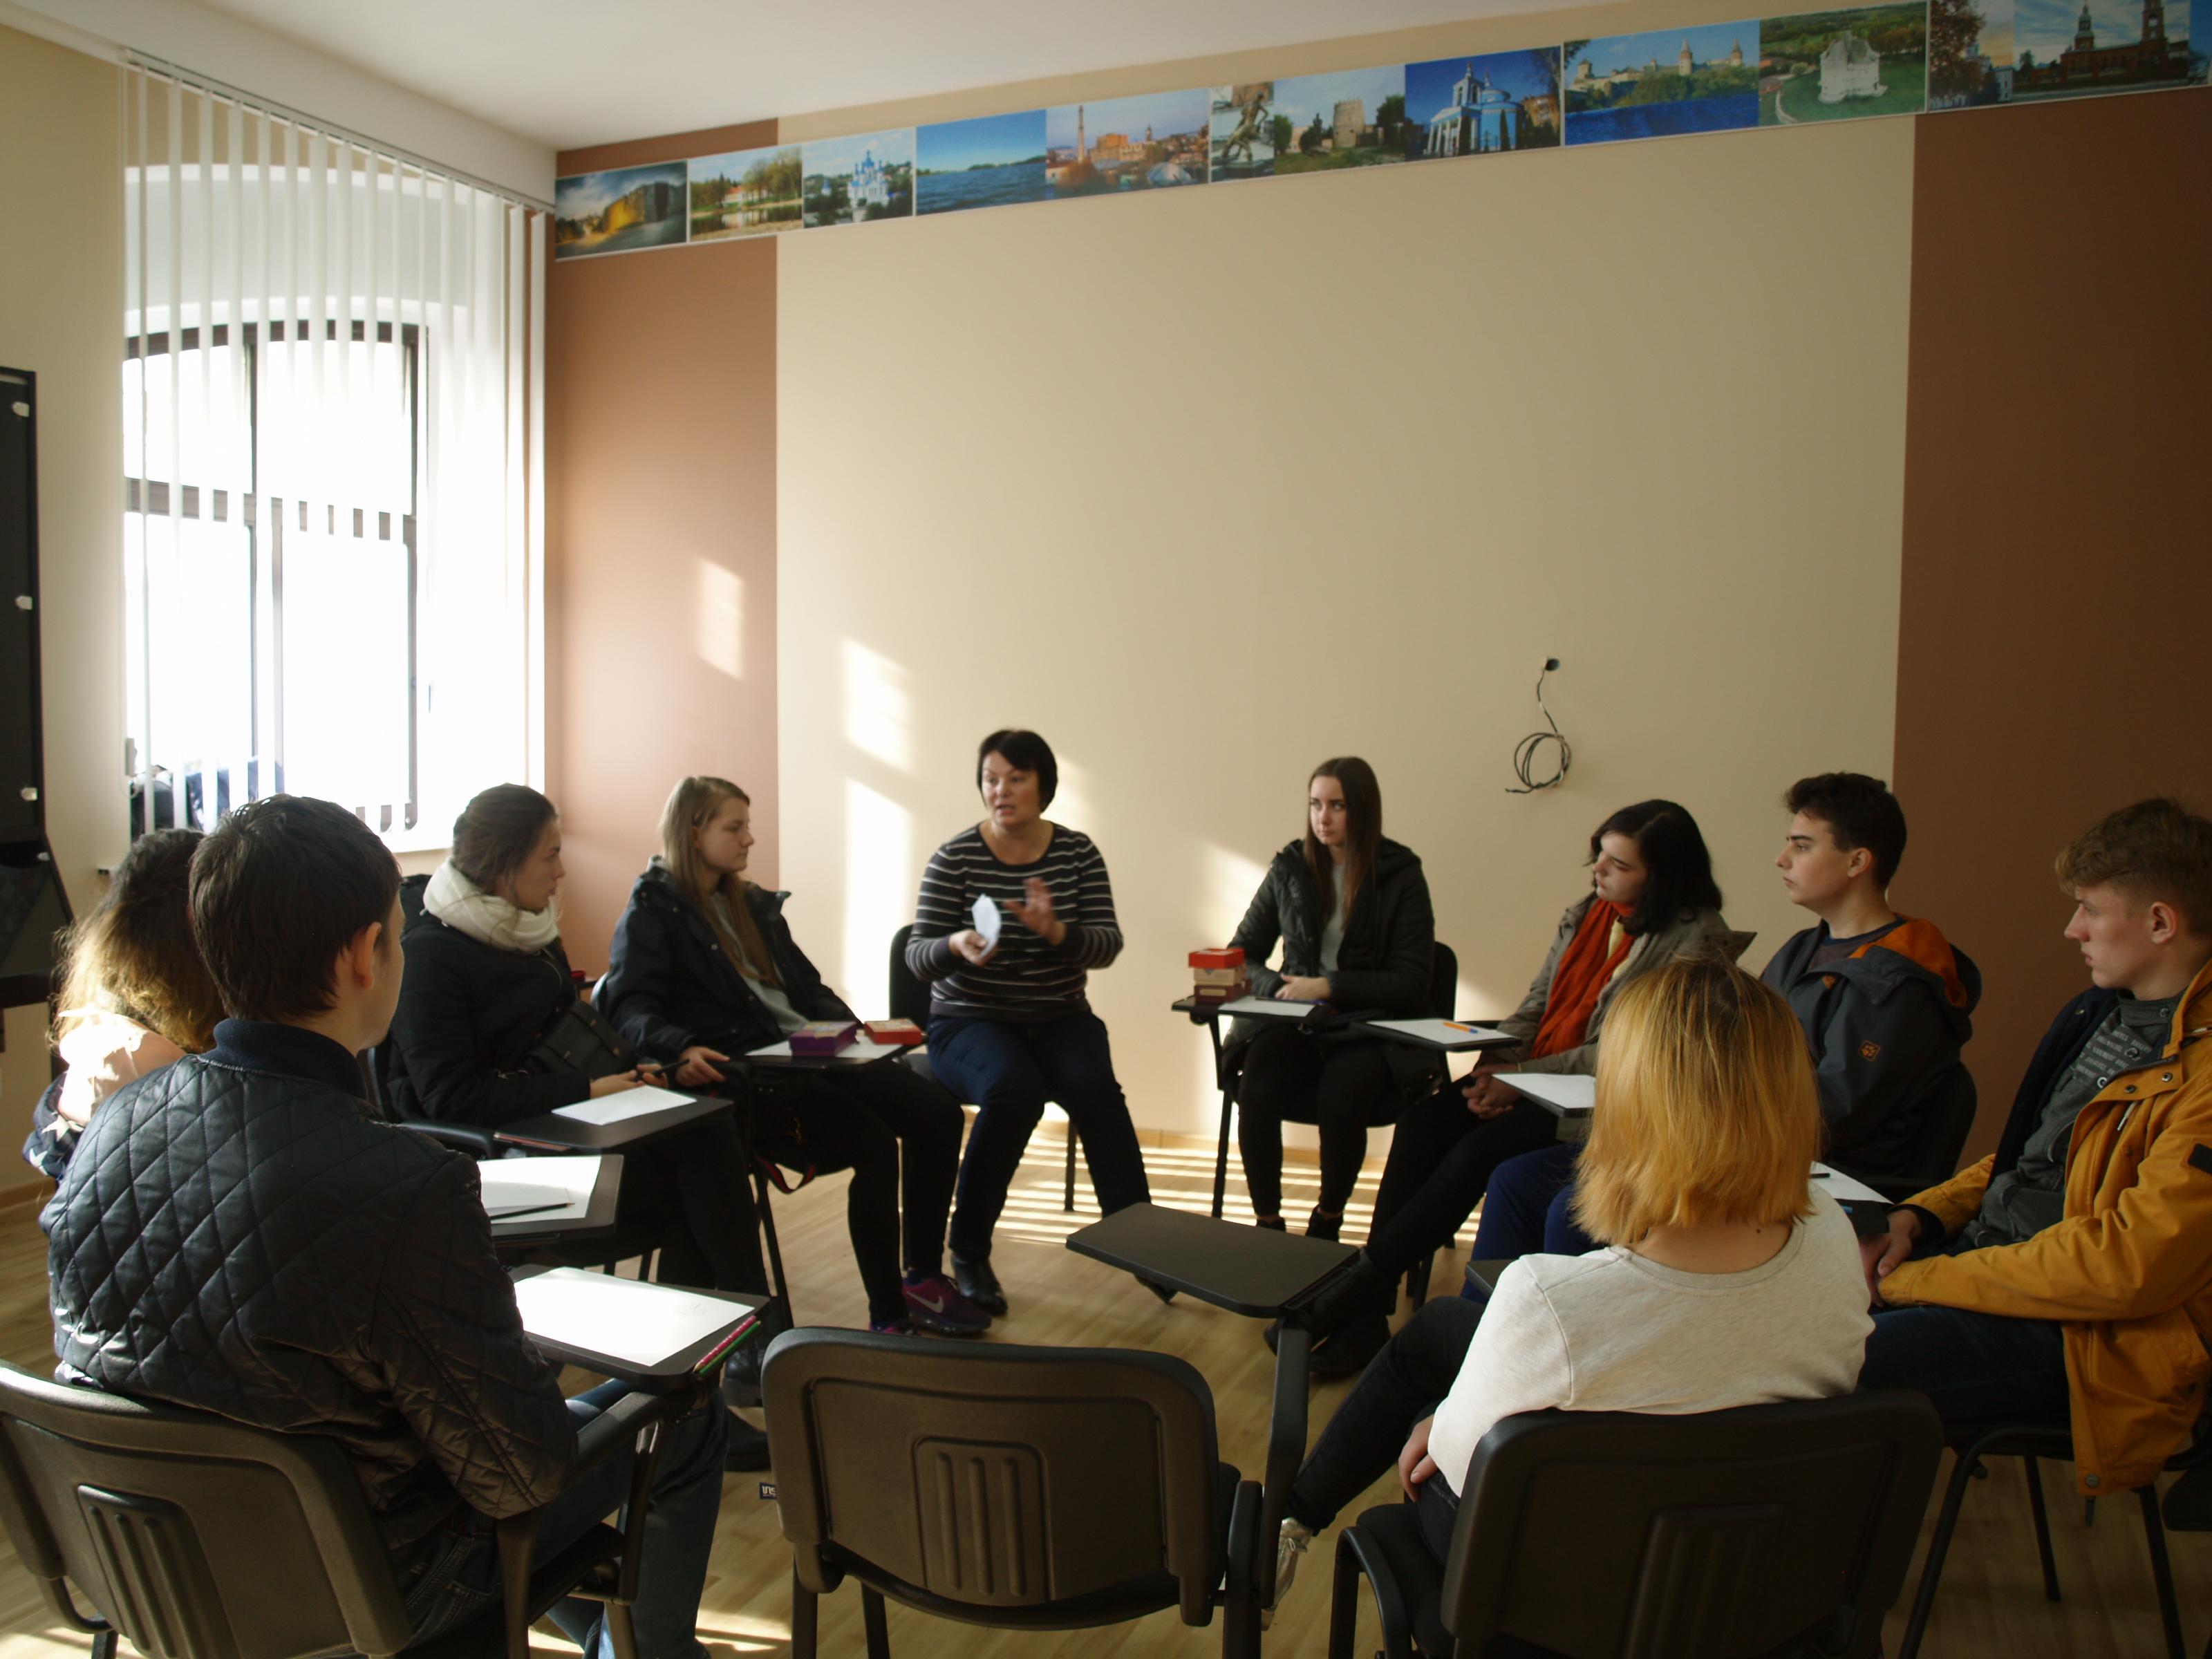 Кафедра психології та соціології  провела студентську науково-практичну конференцію «Актуальні проблеми сучасності в контексті соціально-психологічного знання»